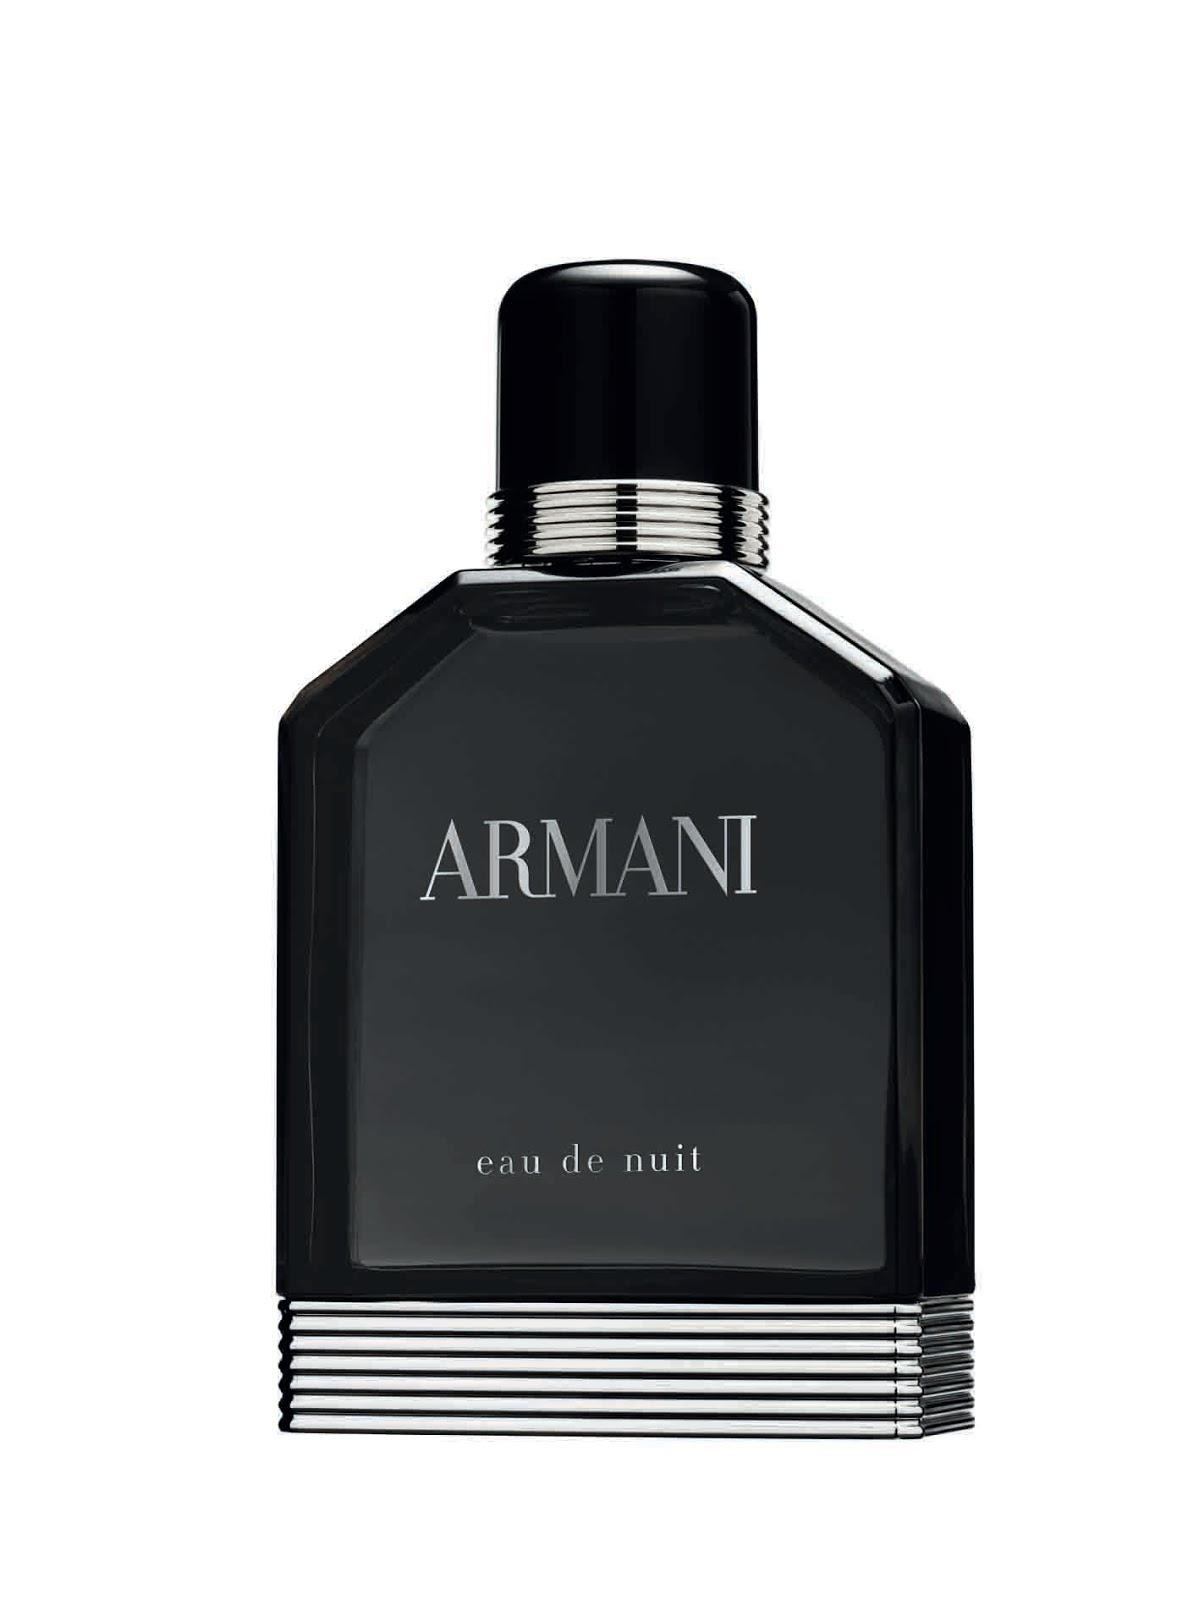 armani-eau-de-nuit-3